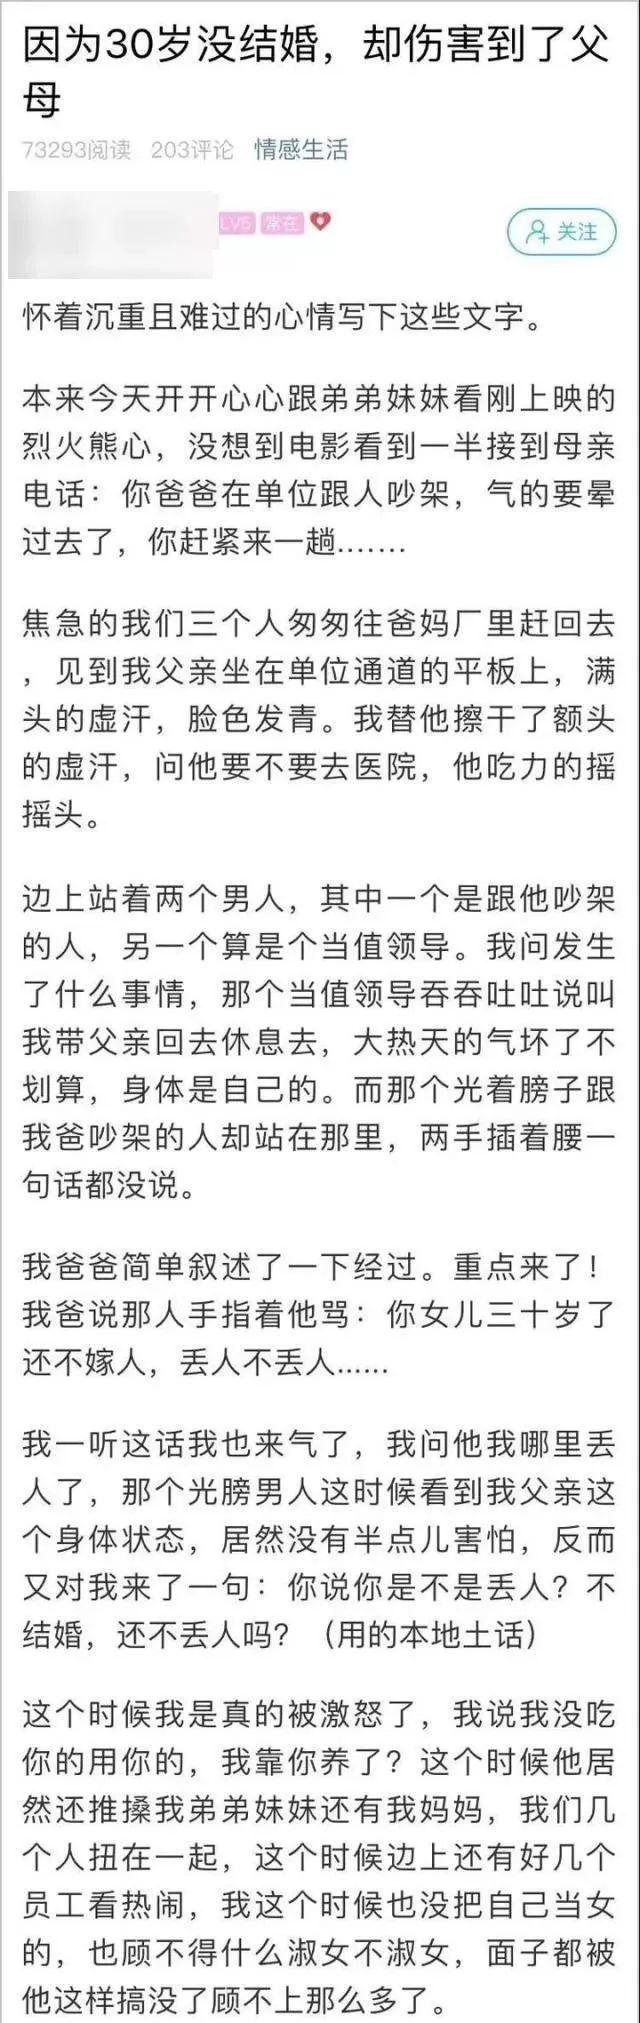 """""""你女儿30岁还不结婚,丢不丢人!""""杭州爸爸被单位同事骂,女儿去理论气到住院?……"""